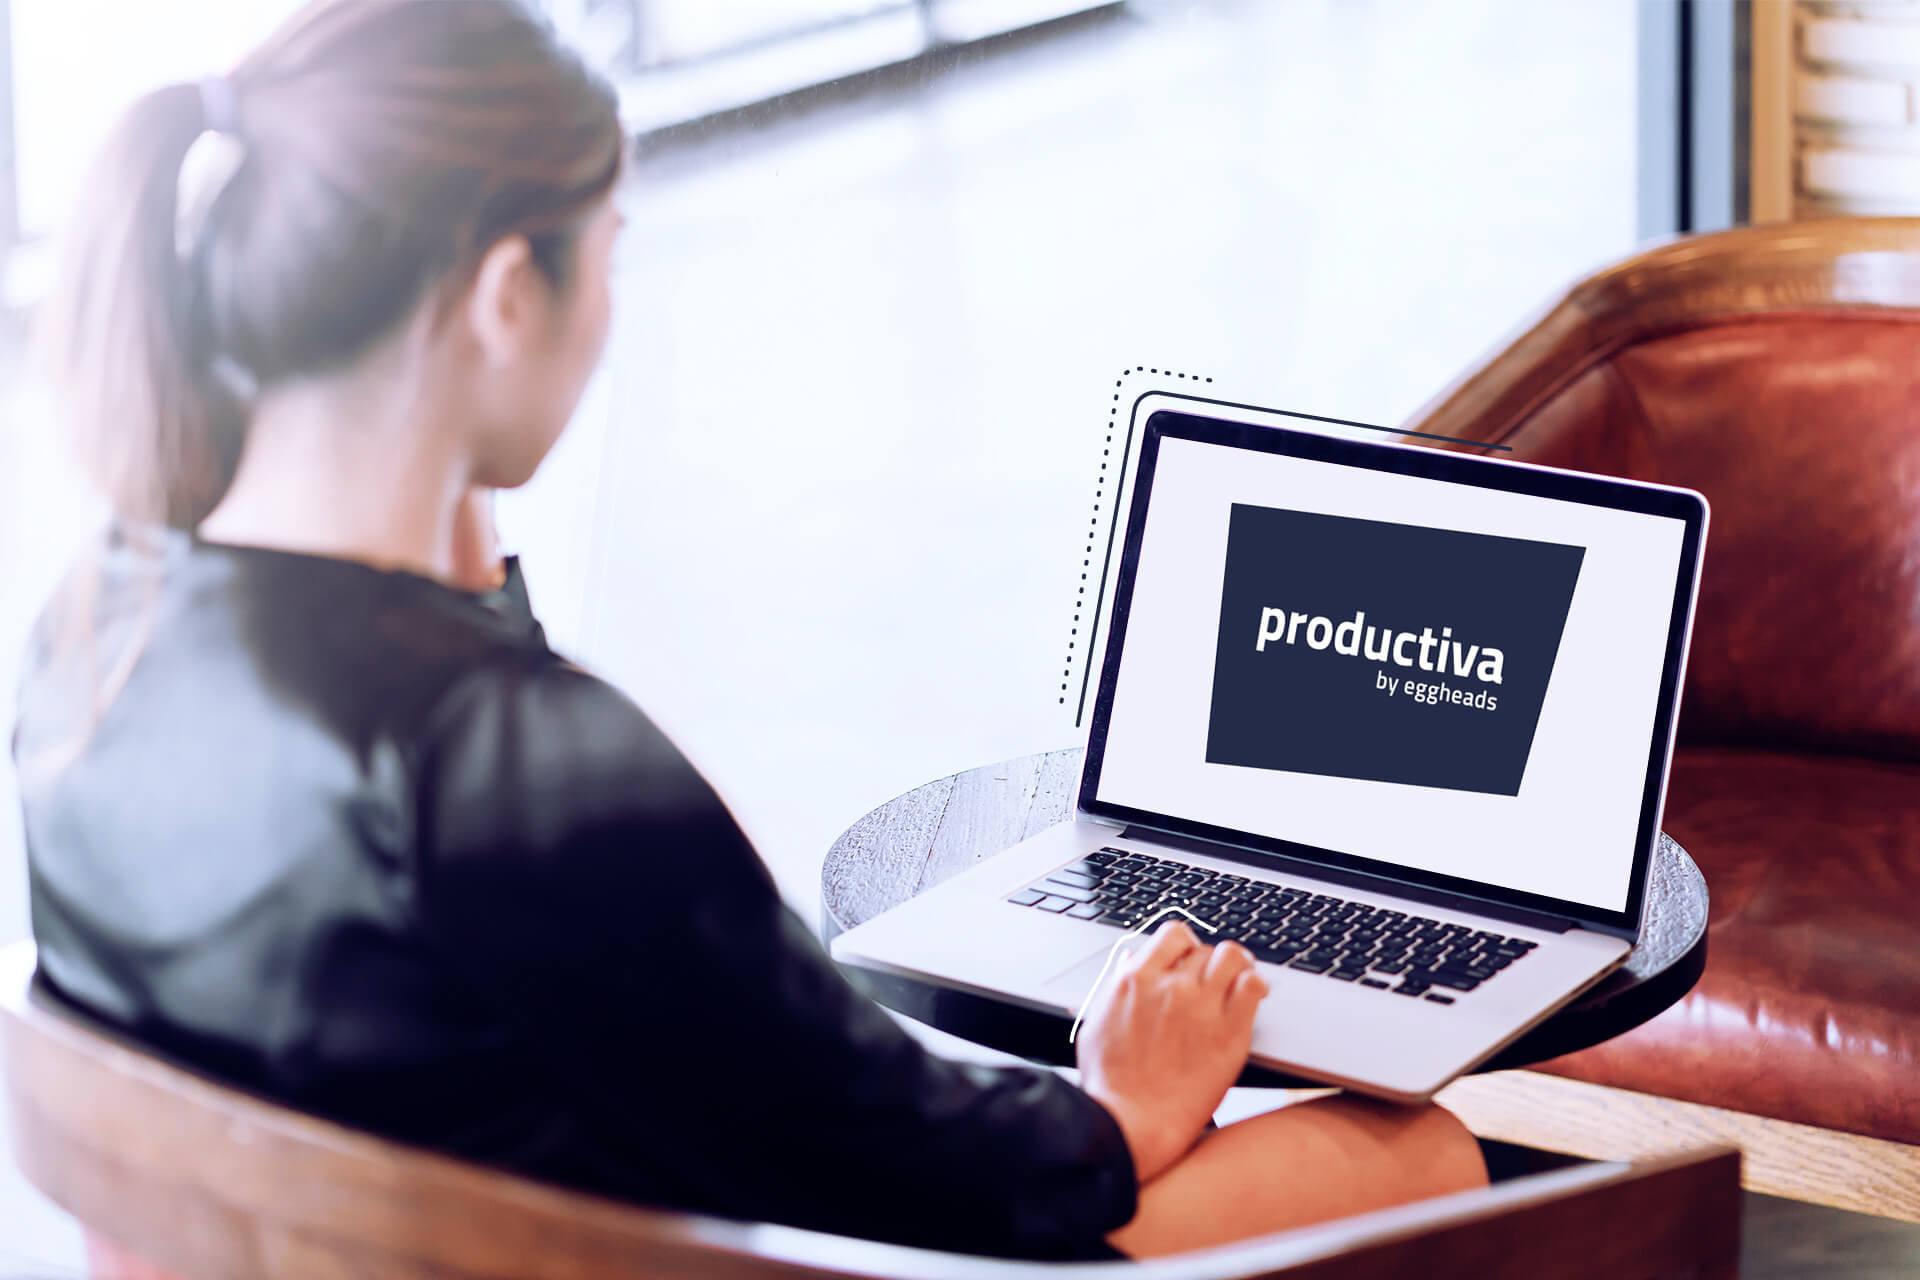 Bild von einer Frau, die auf einen Laptop mit blauem productiva Logo guckt. eggheads Logo productiva rot, rote Stage mit weißem Schrift zu in der Mitte: